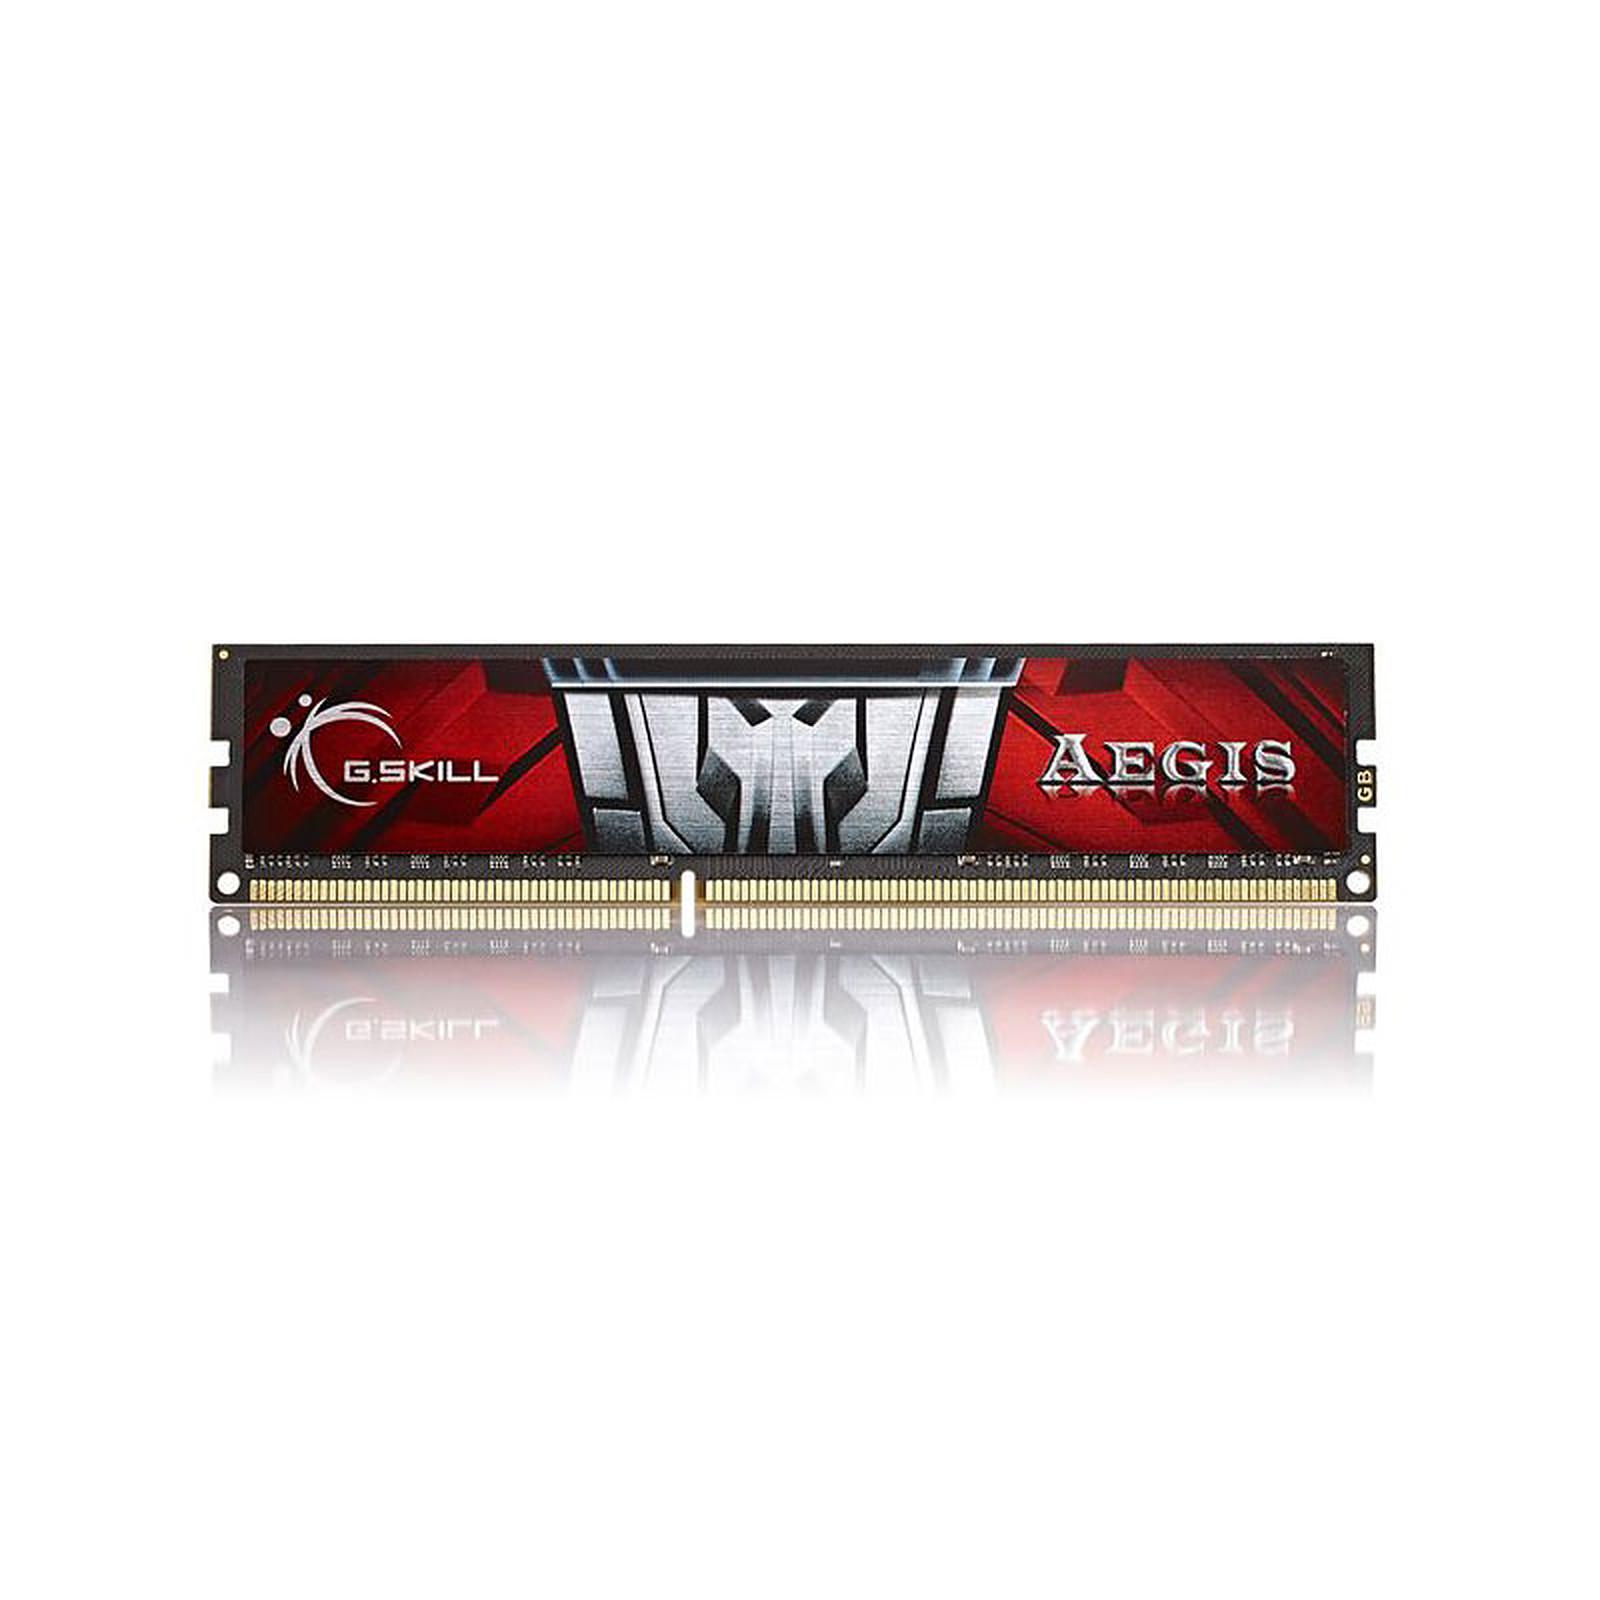 G.Skill Aegis Series 4 Go DDR3 1600 MHz CL11